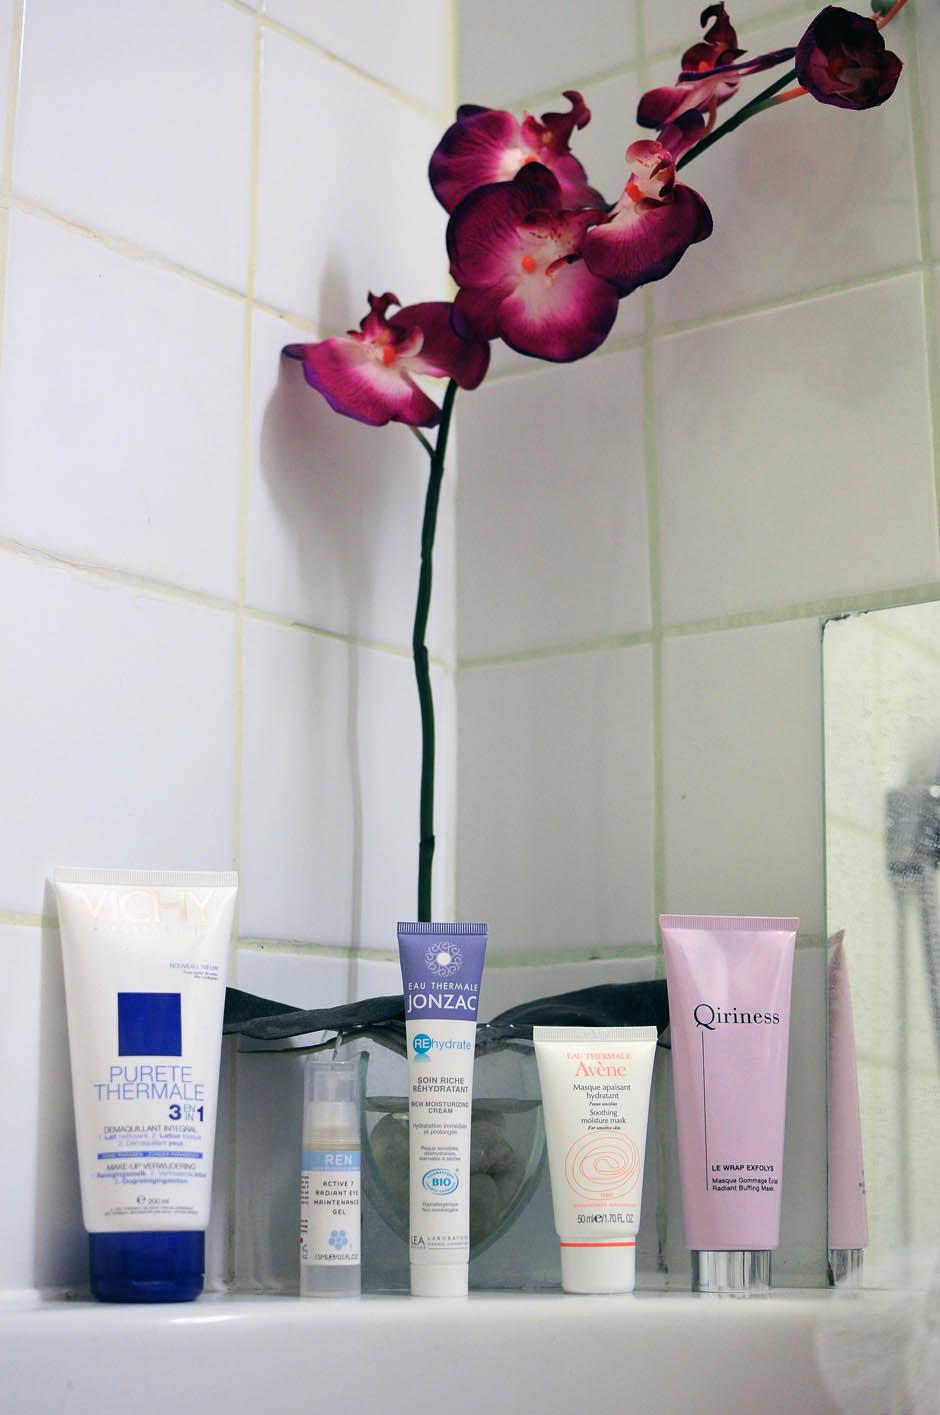 Les Papotages de Nana - Salle de bain produits chouchoux